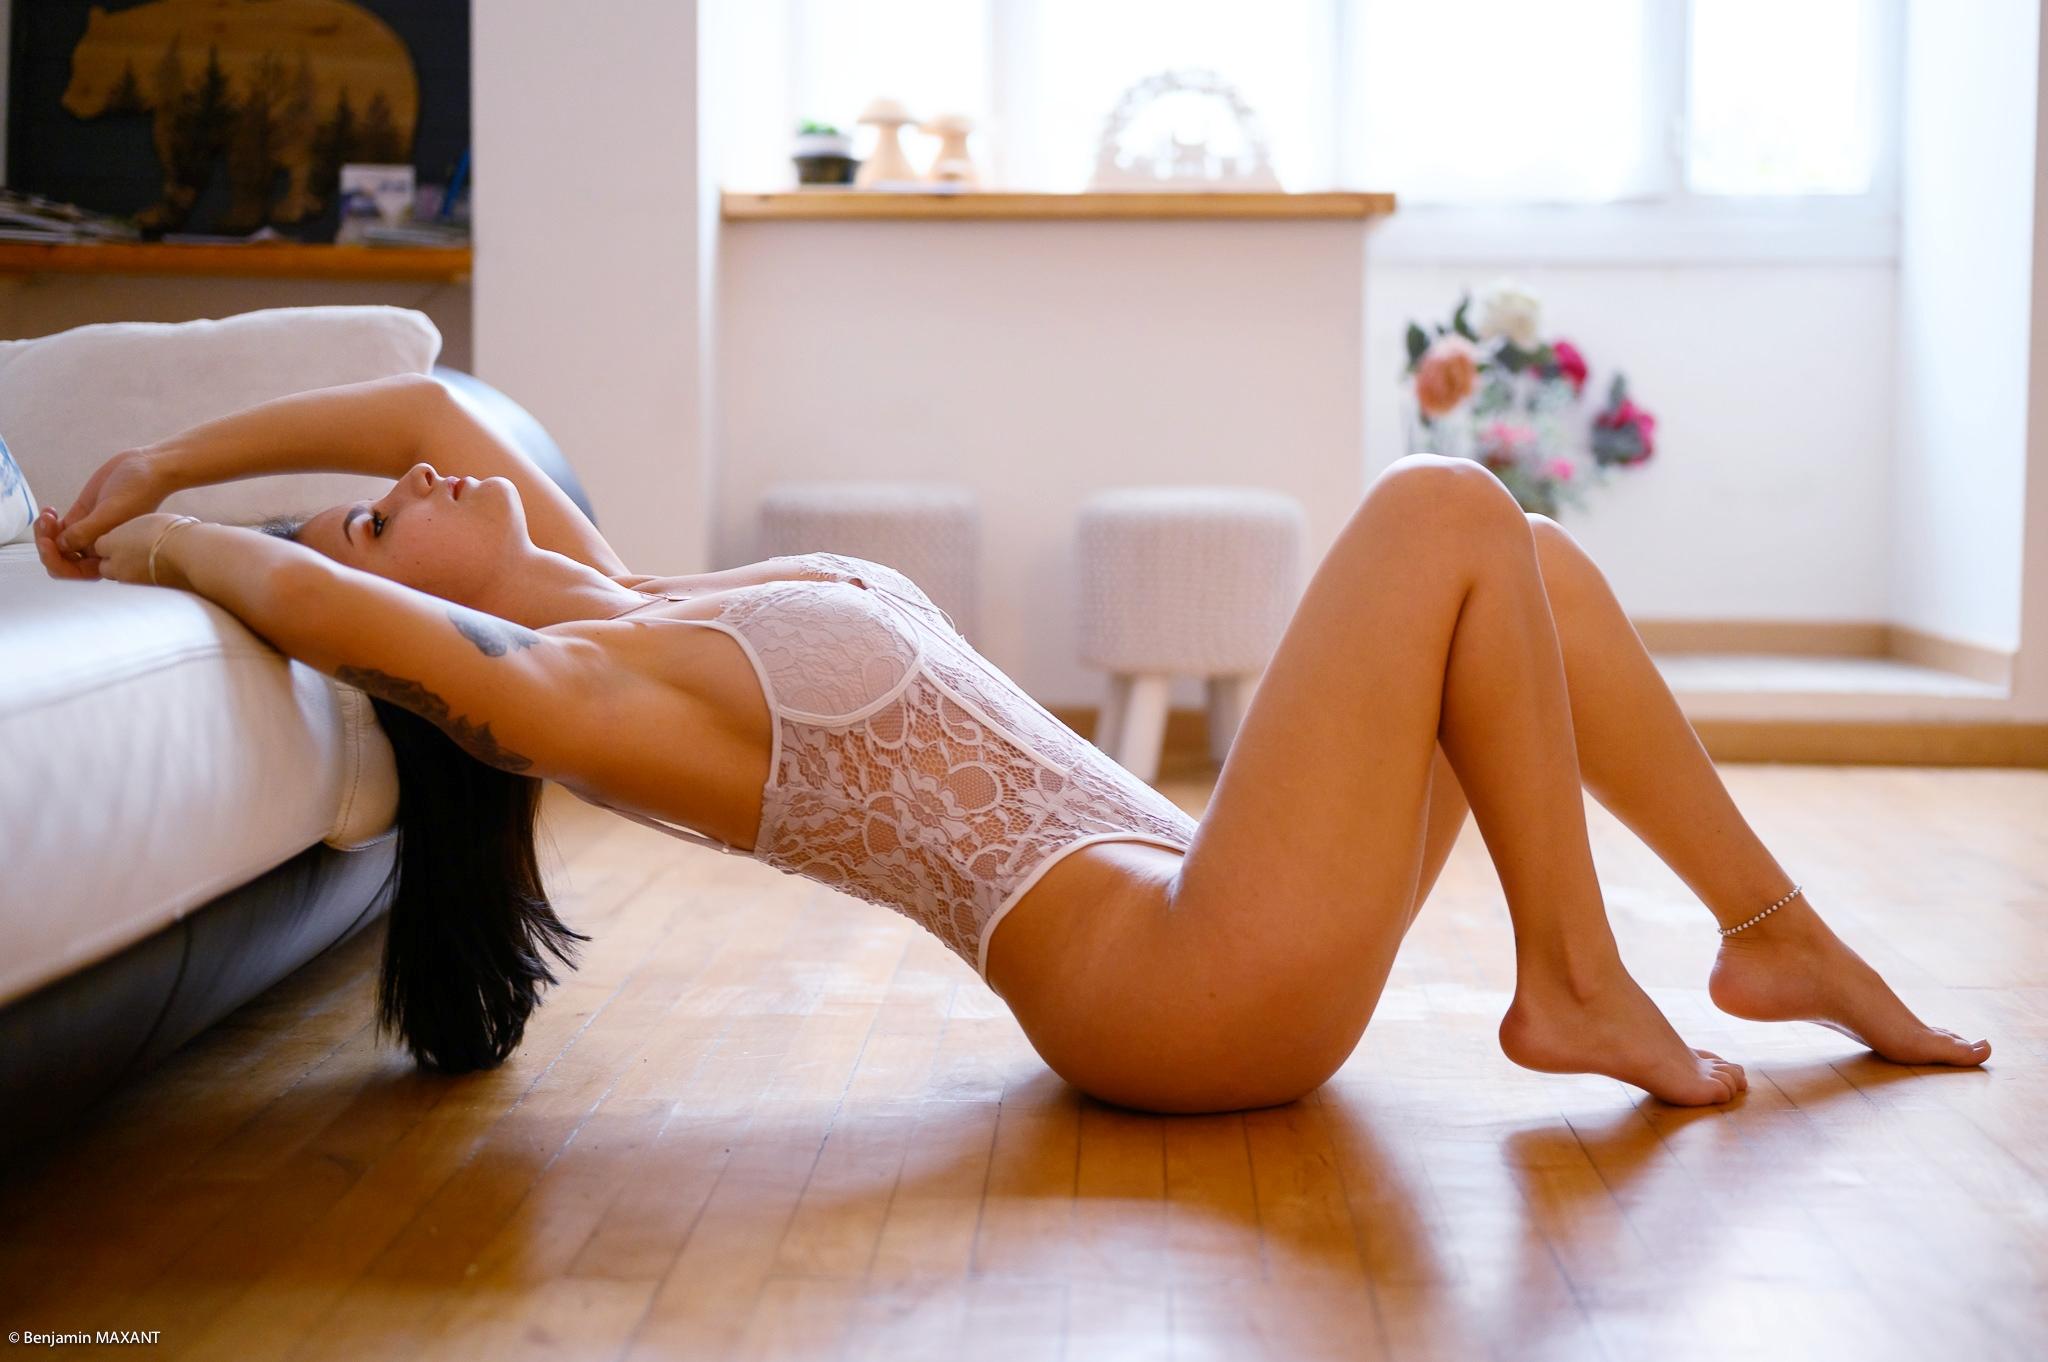 Séance photo boudoir avec Léa body blanc allongée sur le parquet